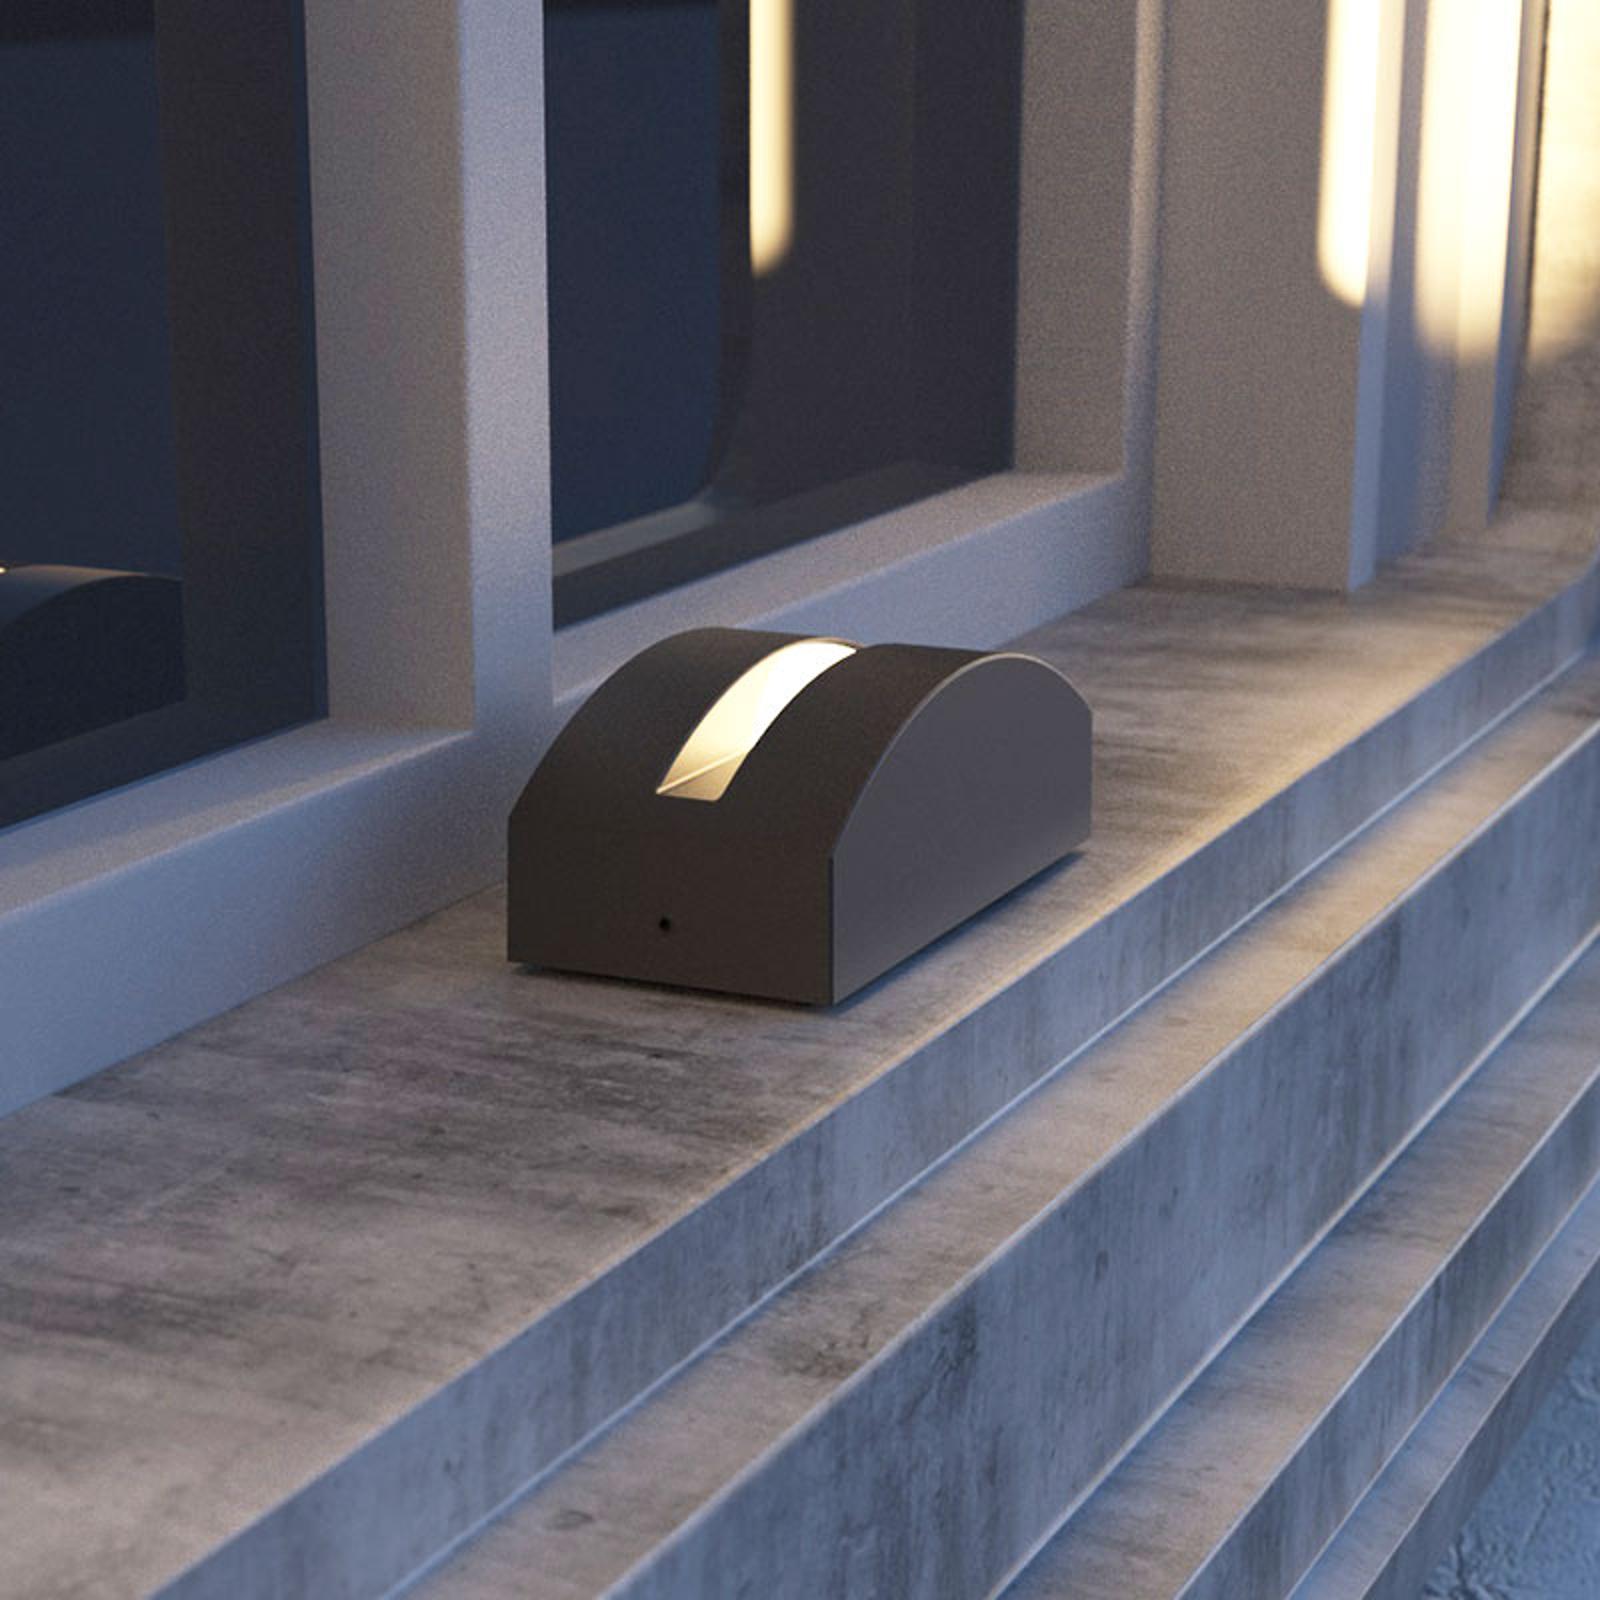 Lampa zewnętrzna LED Marka, aluminium, ciemnoszara